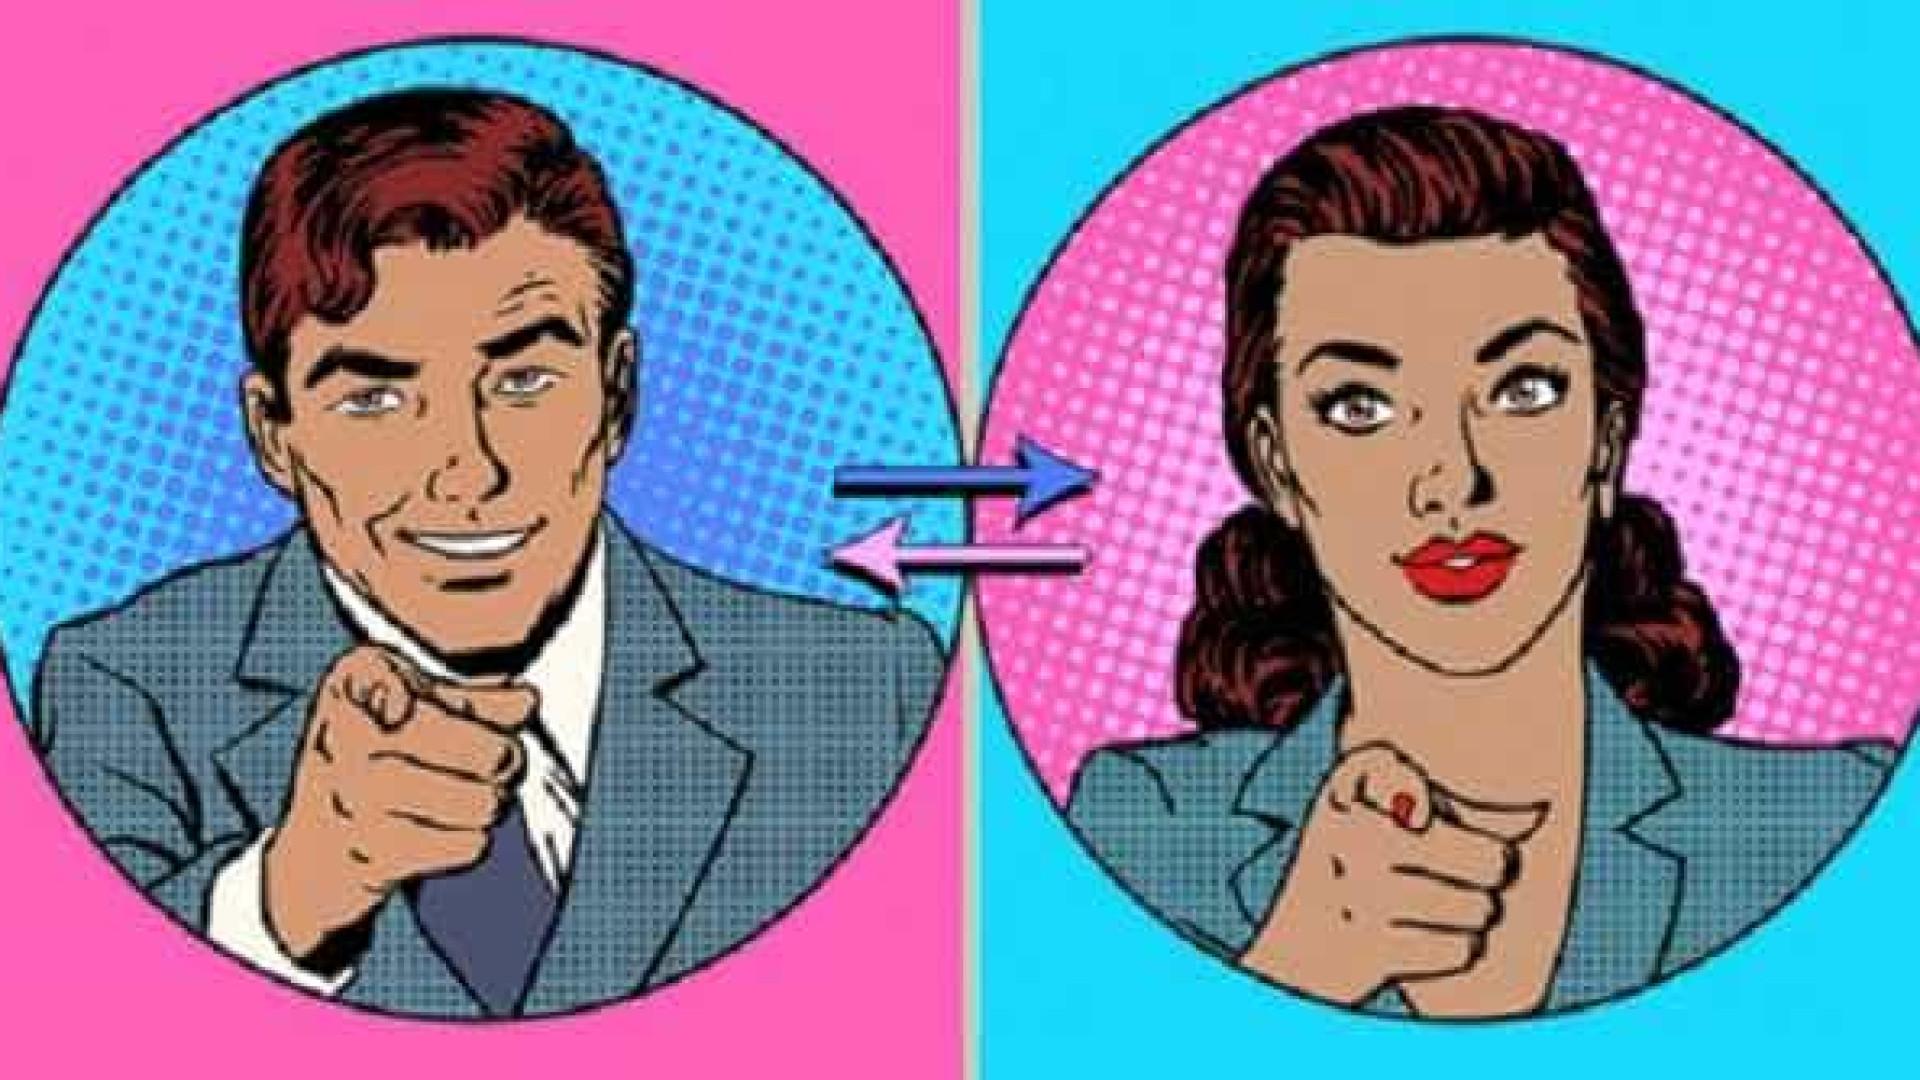 Aplicação consciencializa sobre desigualdade de género